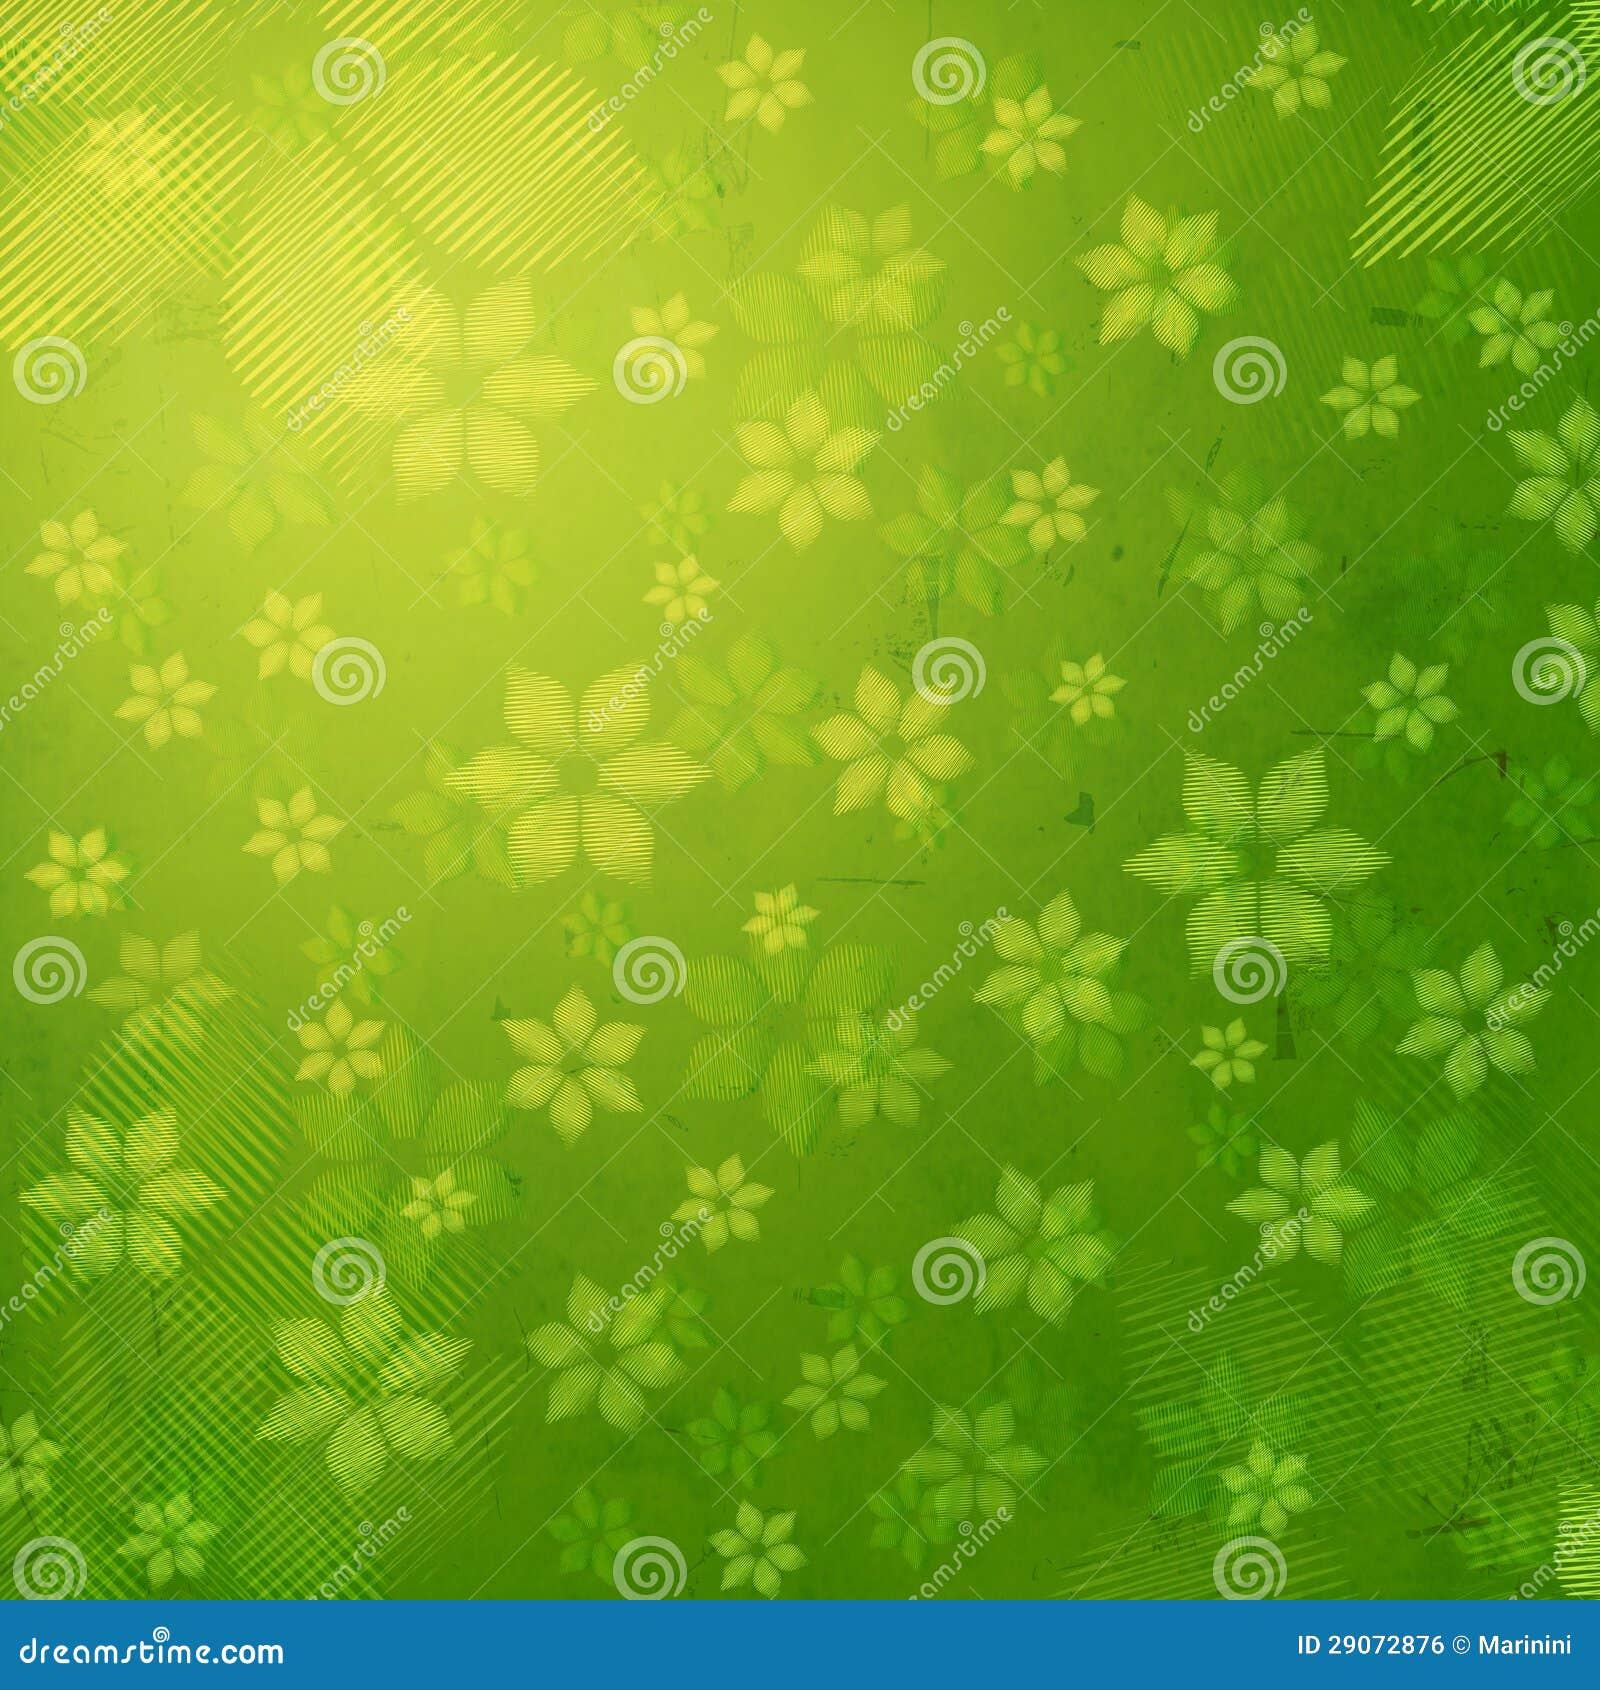 fleurs ray es au vieil arri re plan de papier vert image libre de droits image 29072876. Black Bedroom Furniture Sets. Home Design Ideas